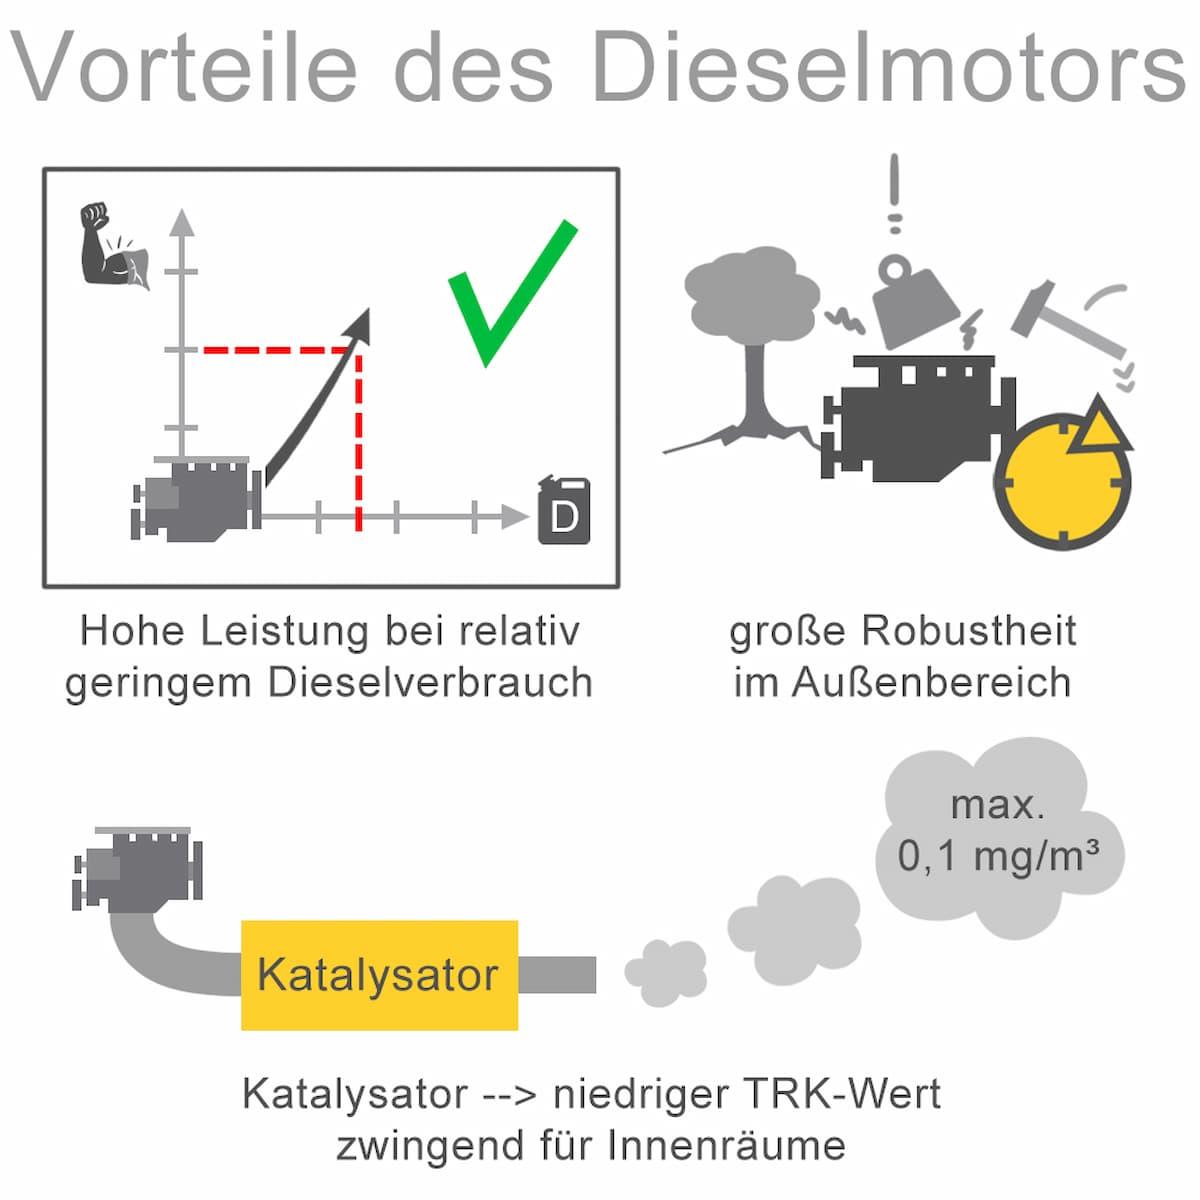 Vorteile des Dieselmotors